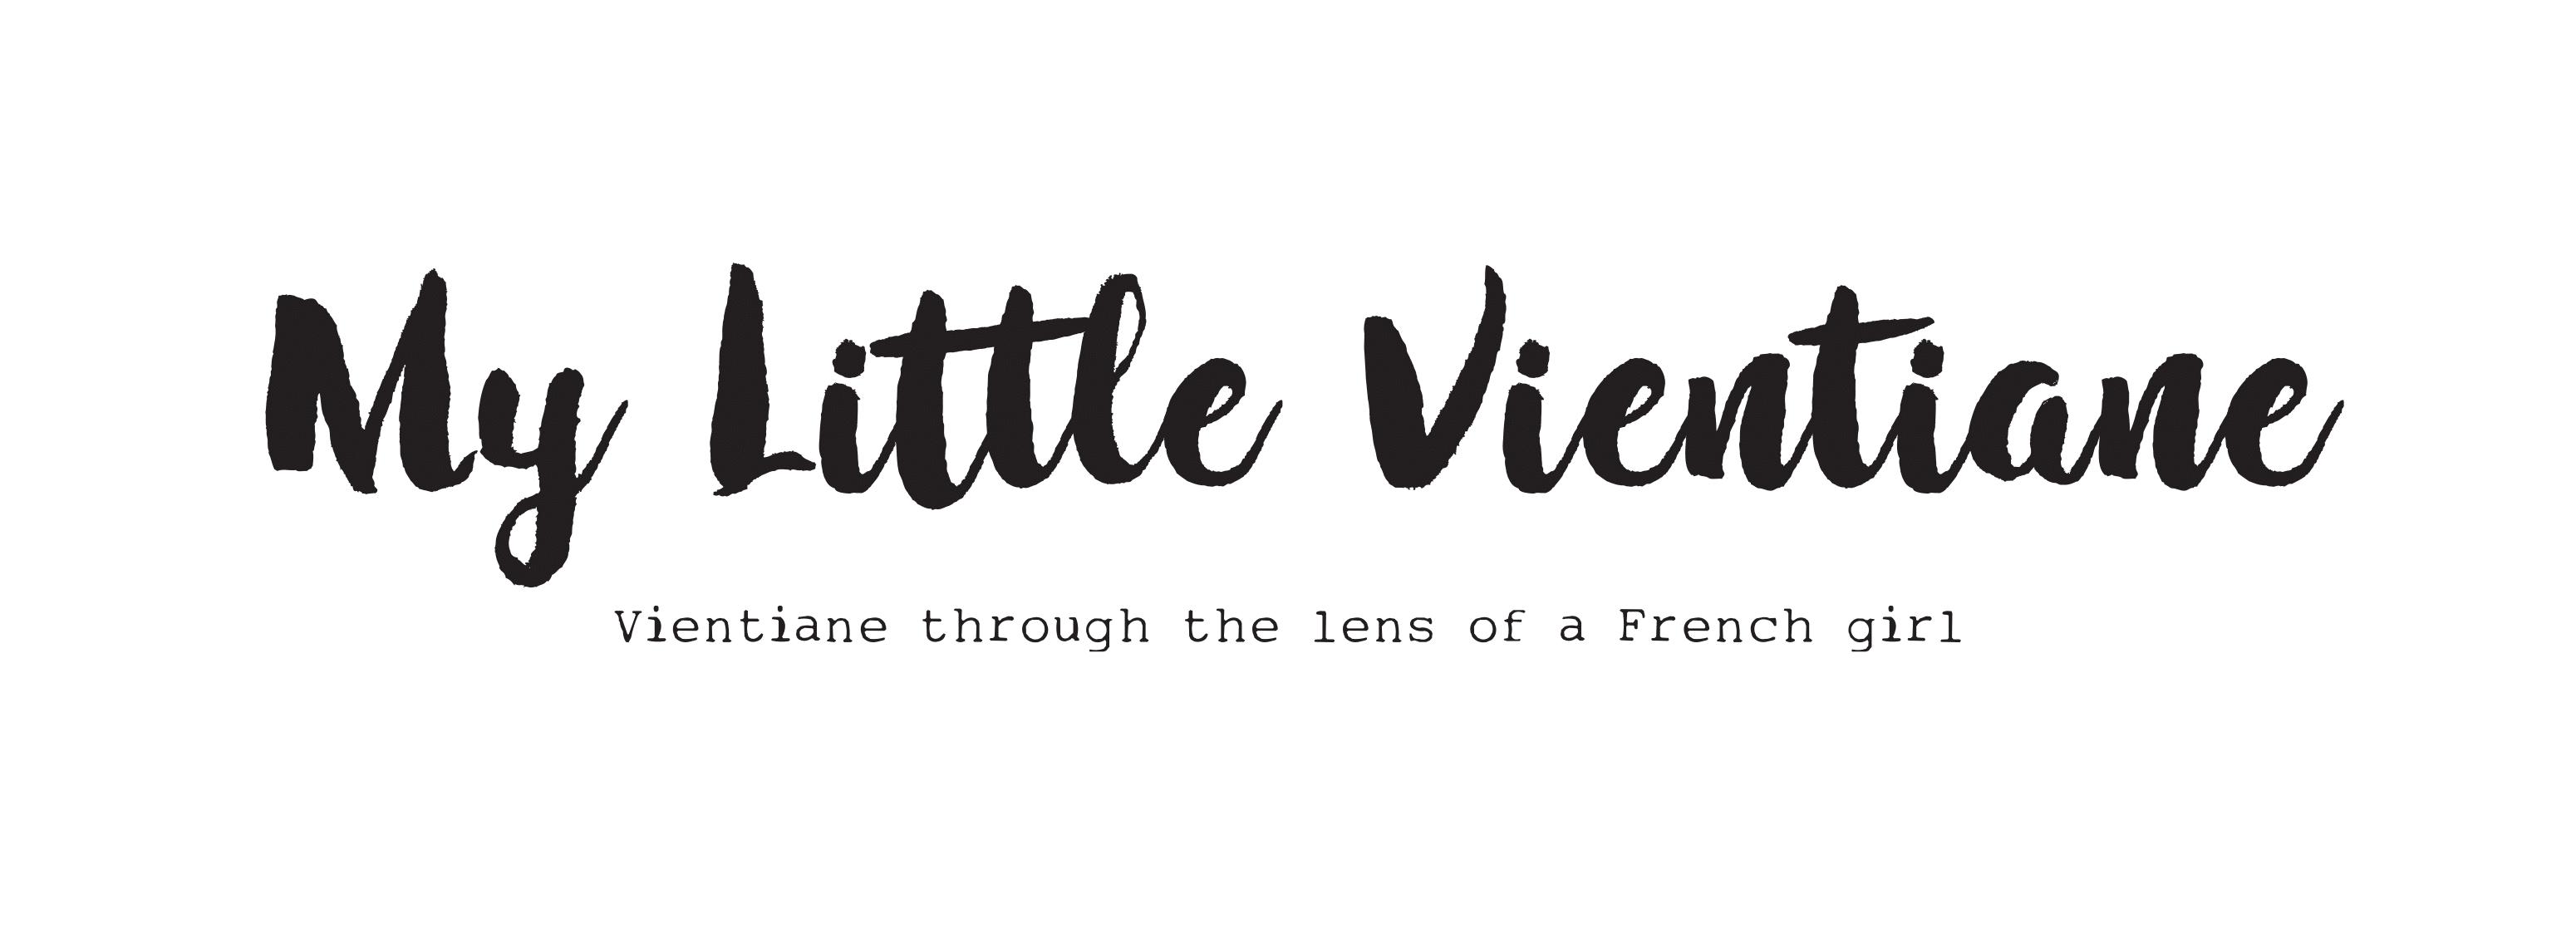 My Little Vientiane